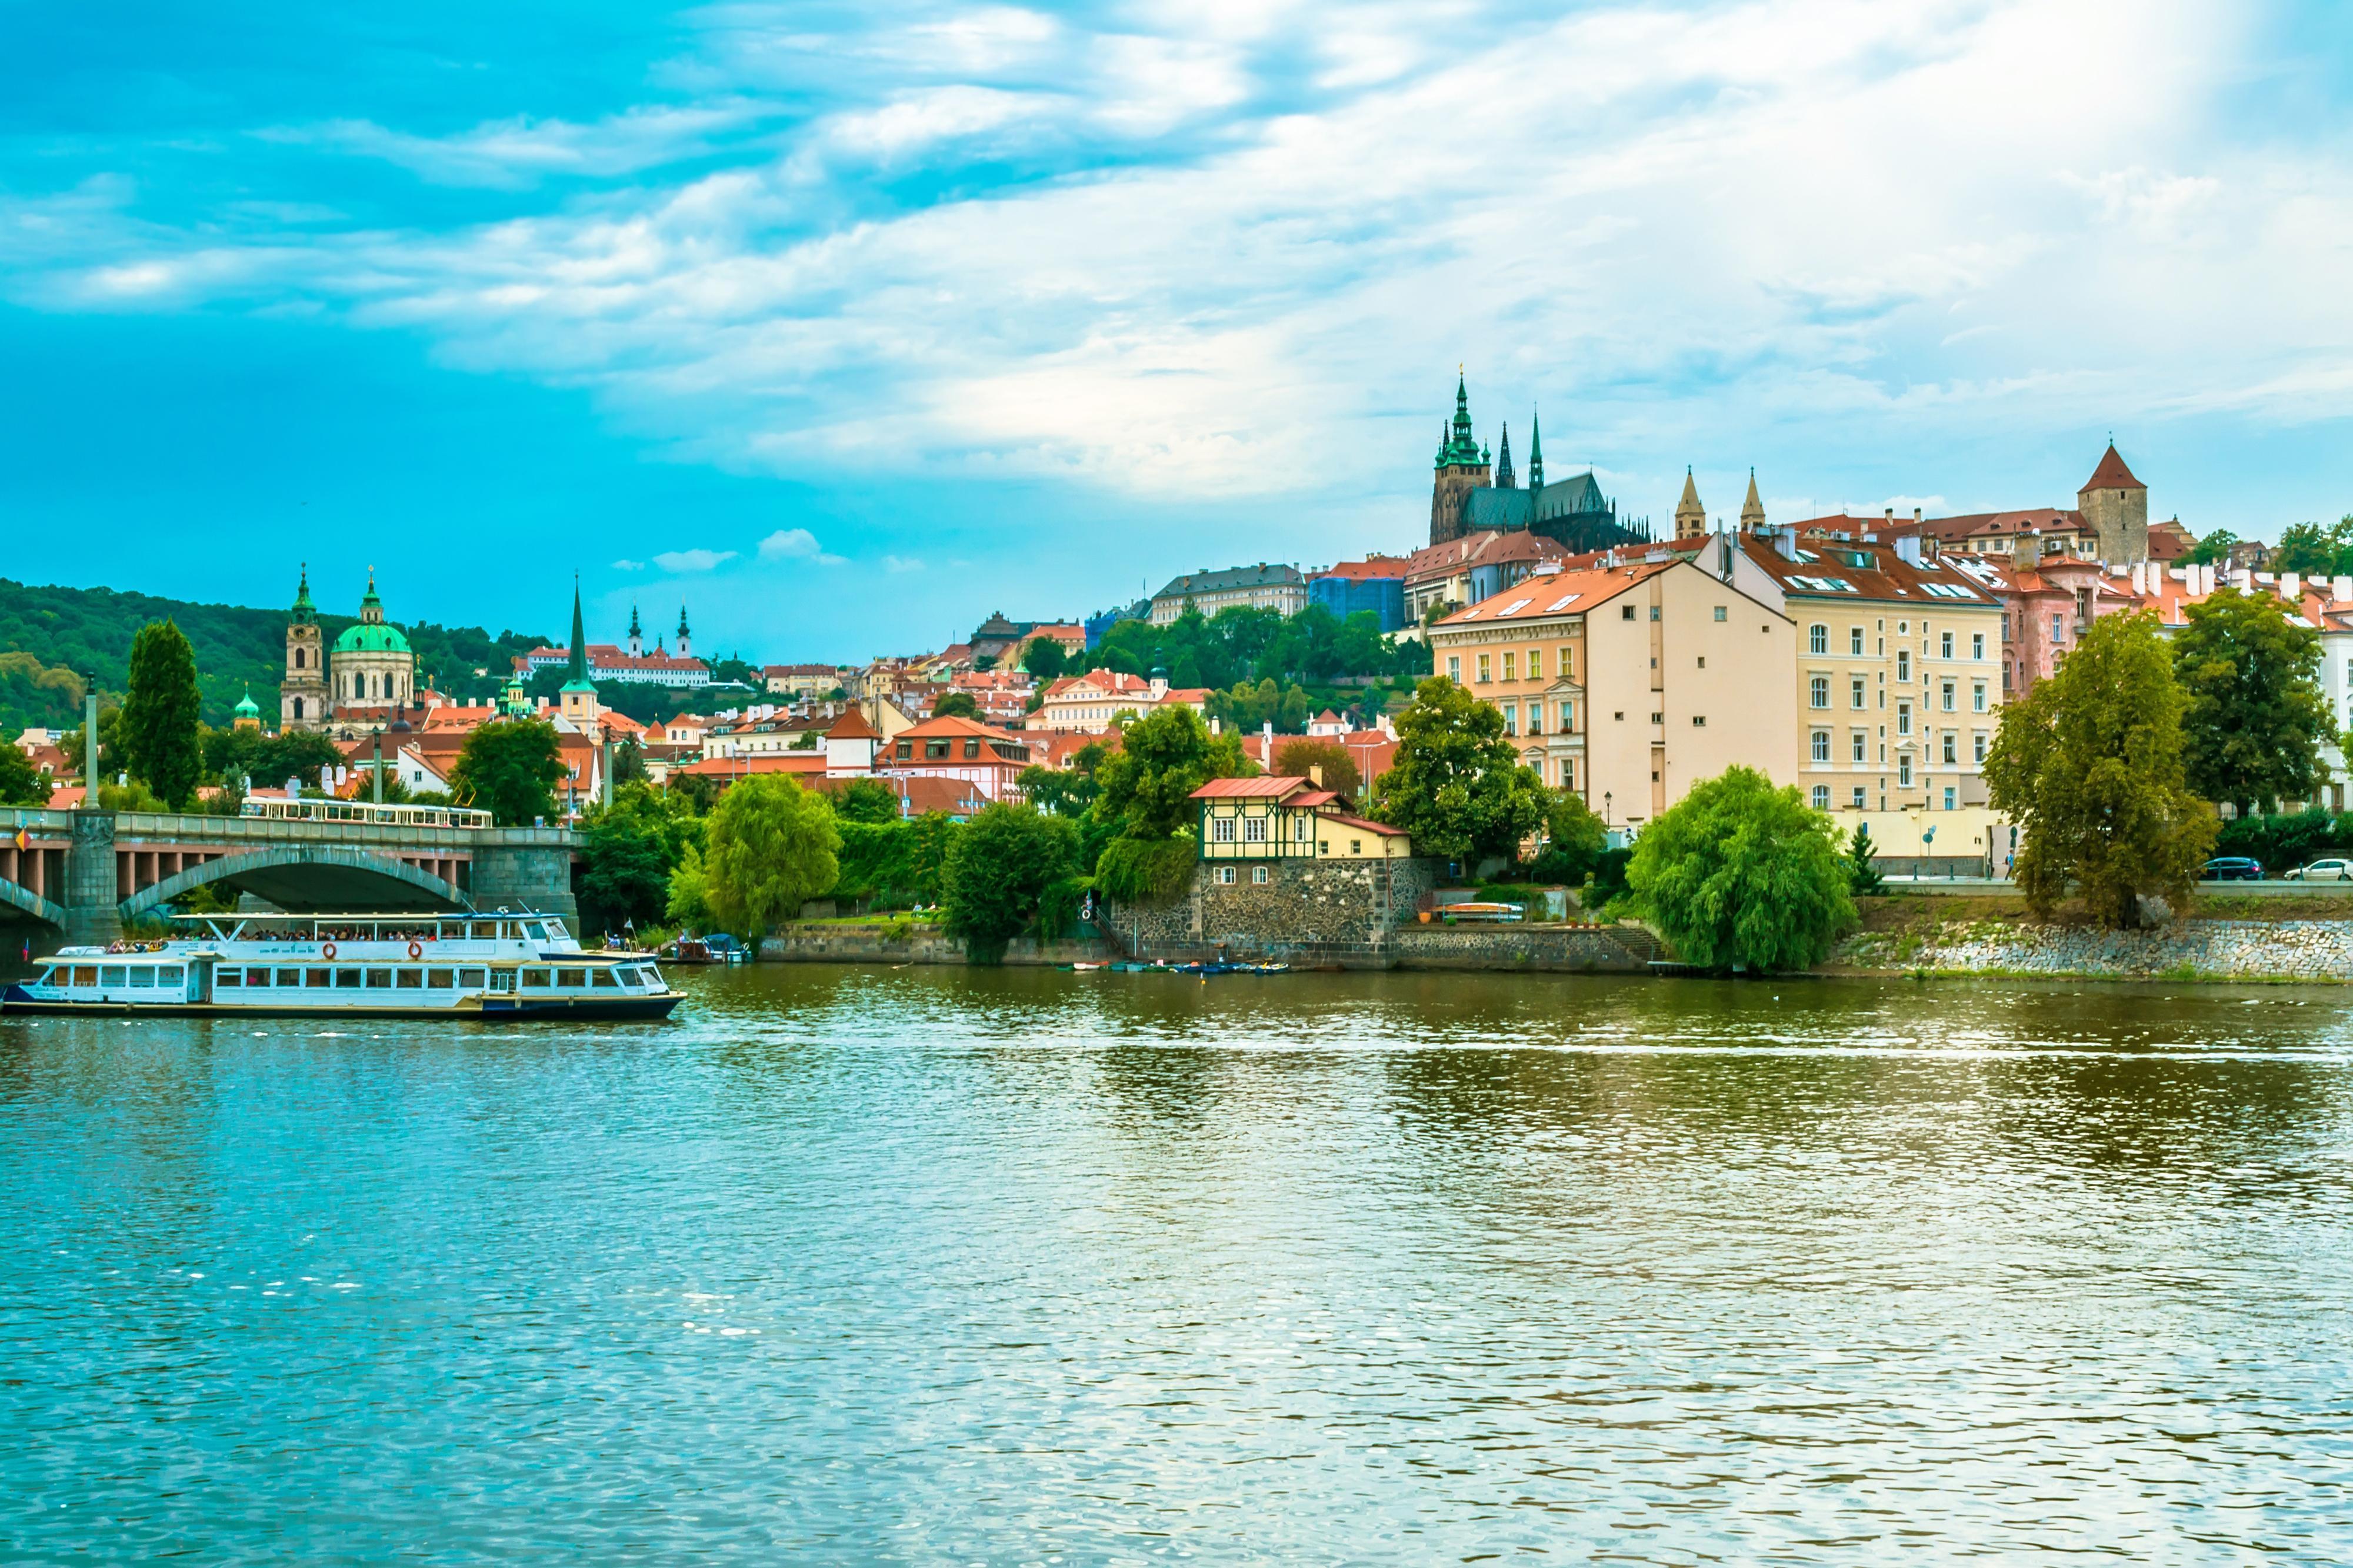 Изысканные пейзажи, классическая музыка и пиво: чем очаровывает Прага в мае